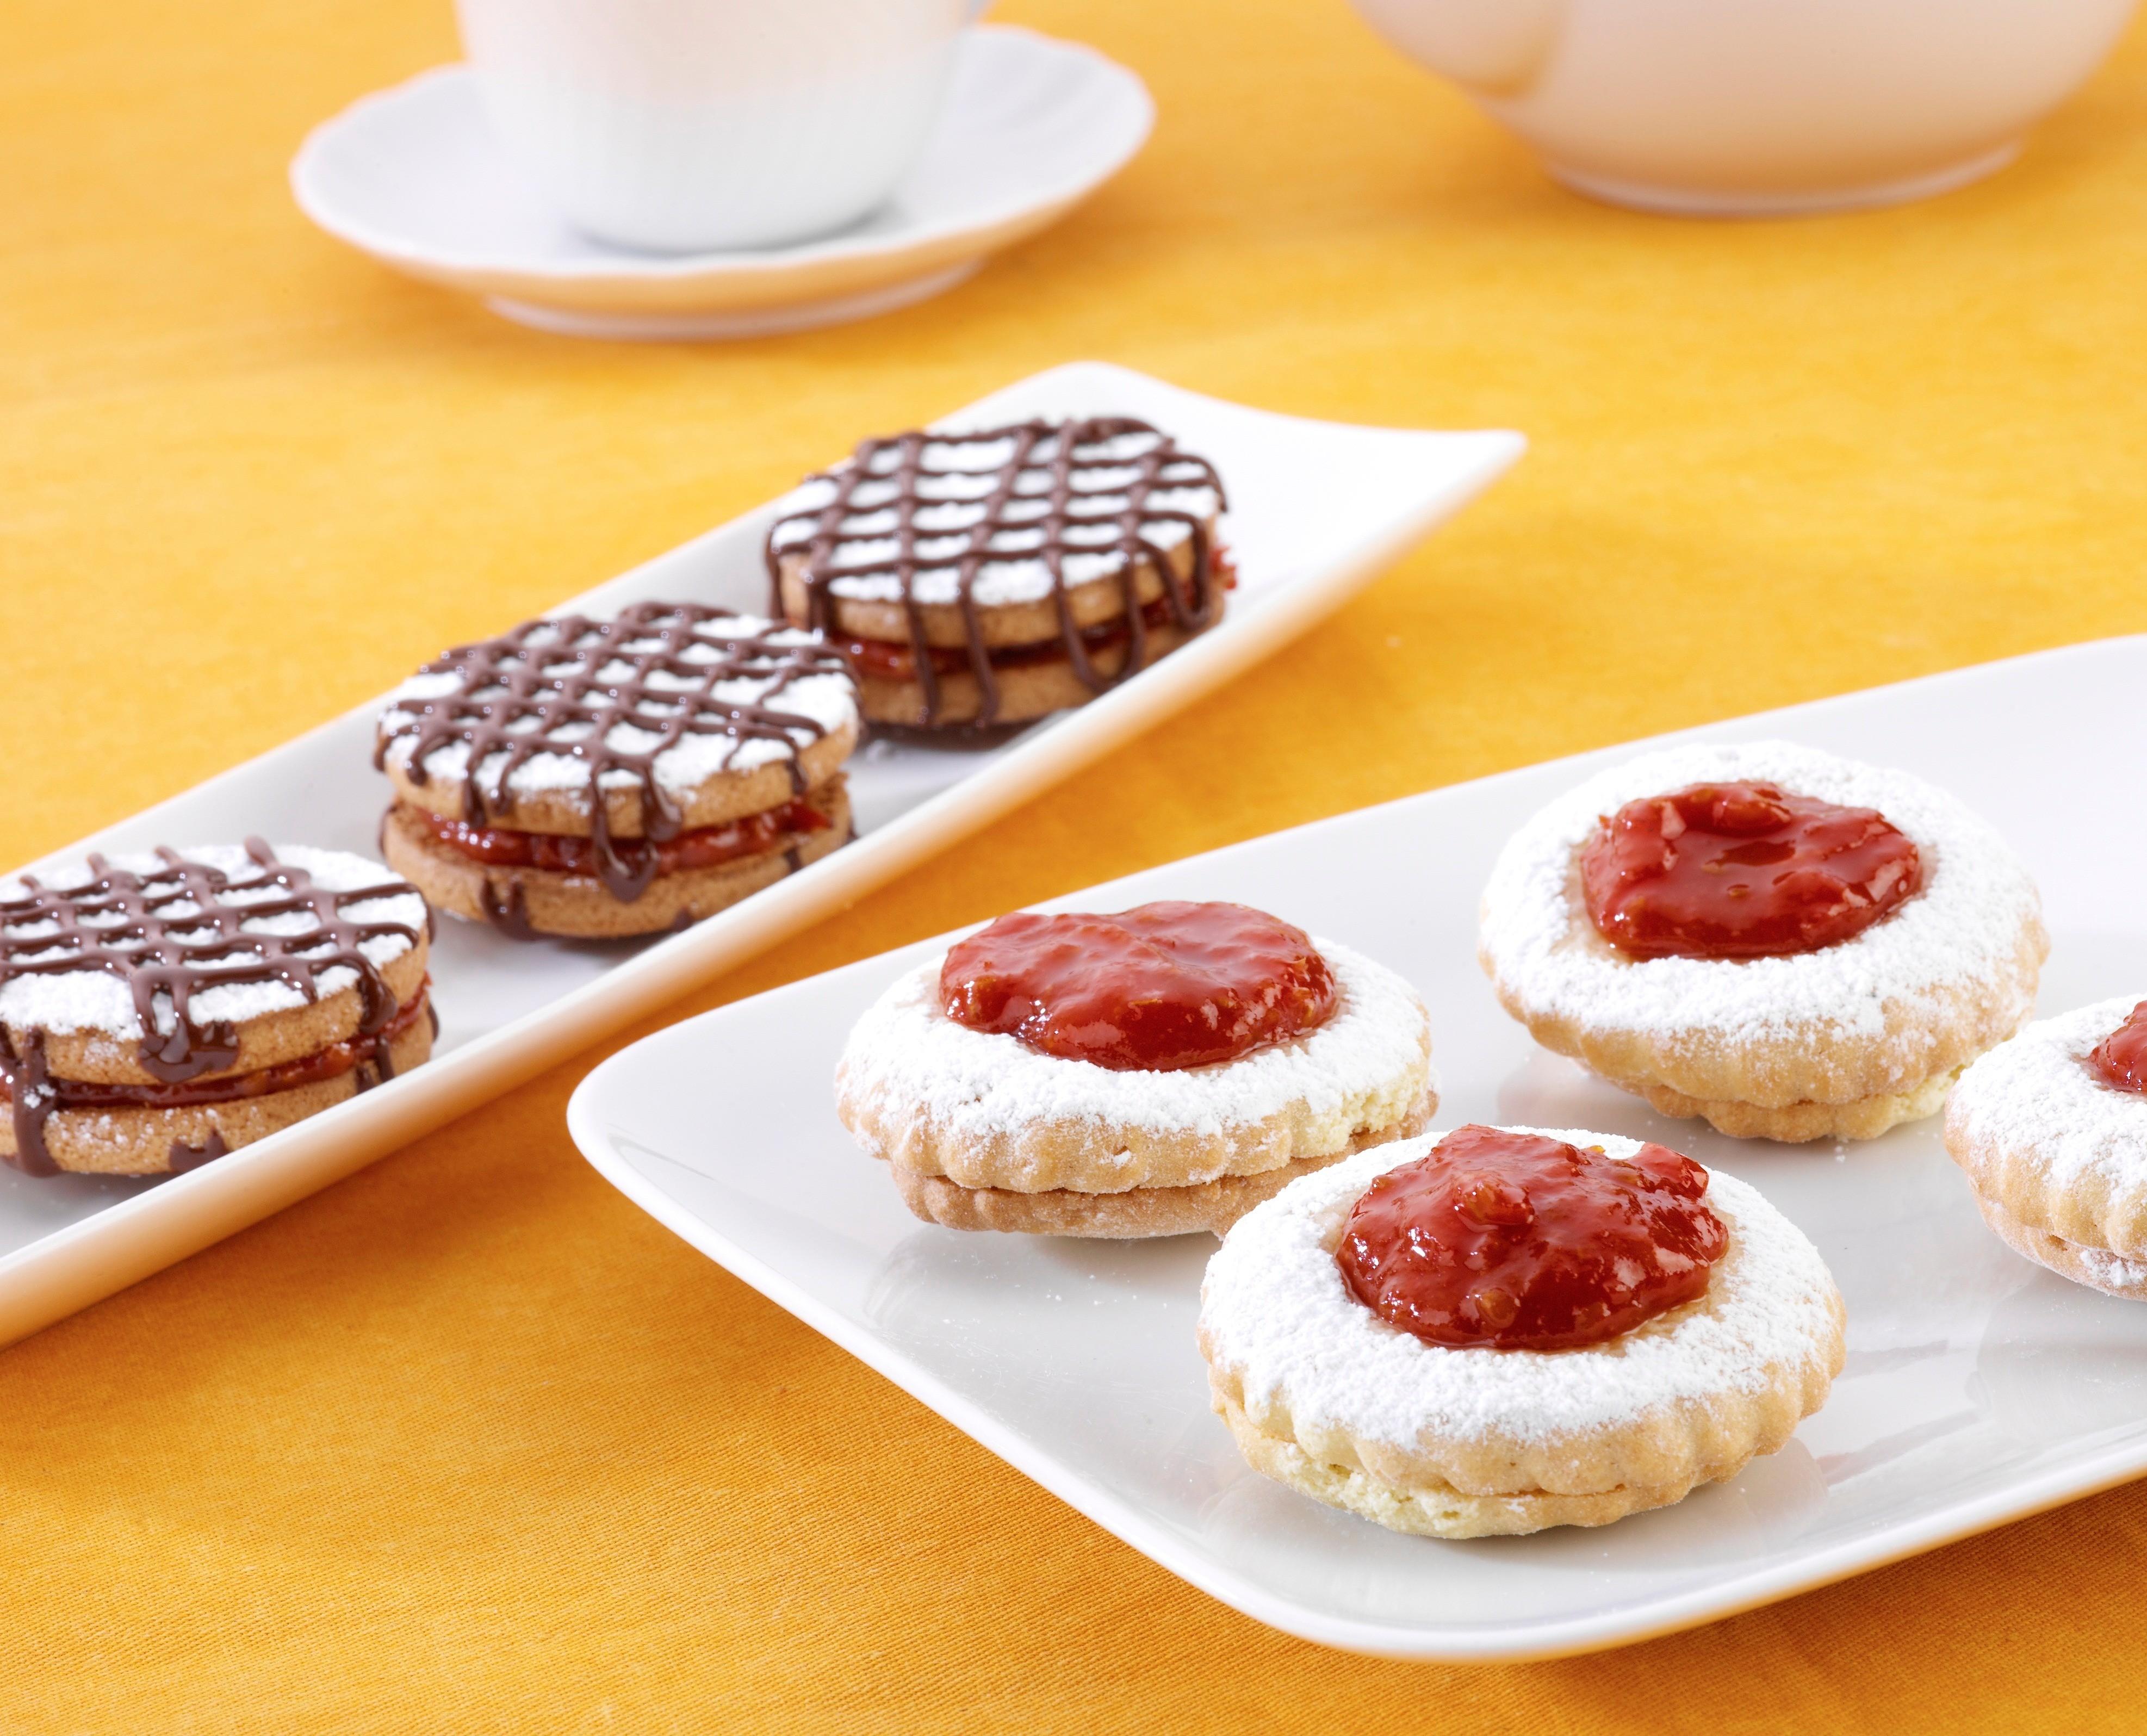 Рецепт от шефа: бисквитное печенье с томатным вареньем и шоколадом